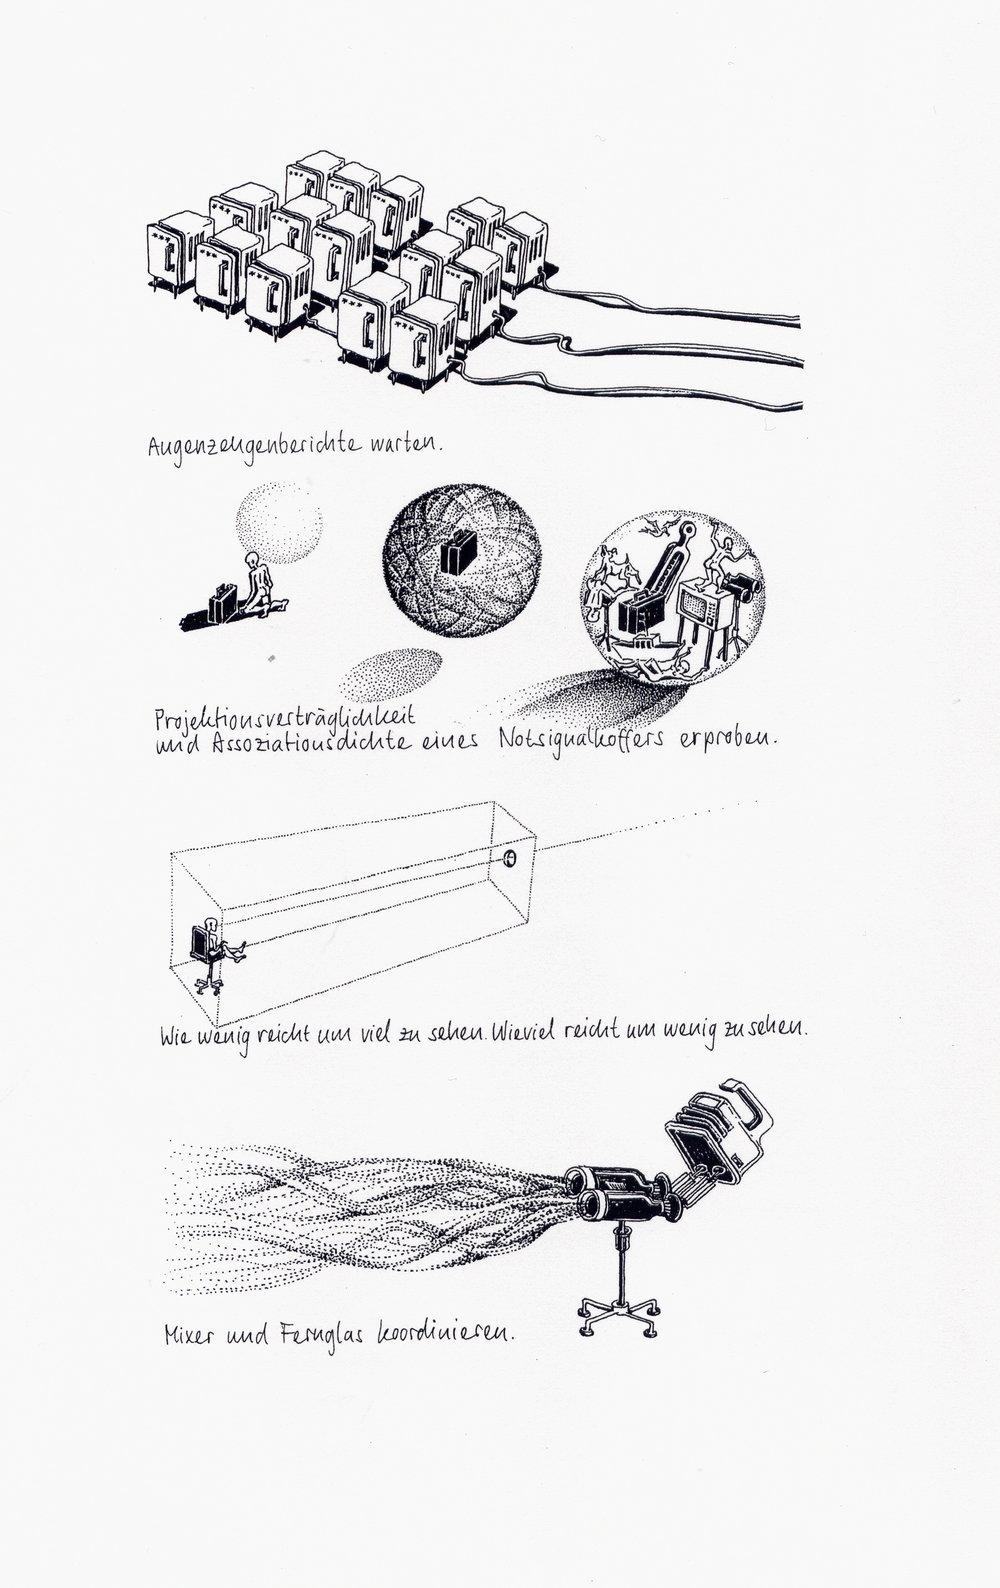 6. Auswertung der Optischen Ernte.jpg